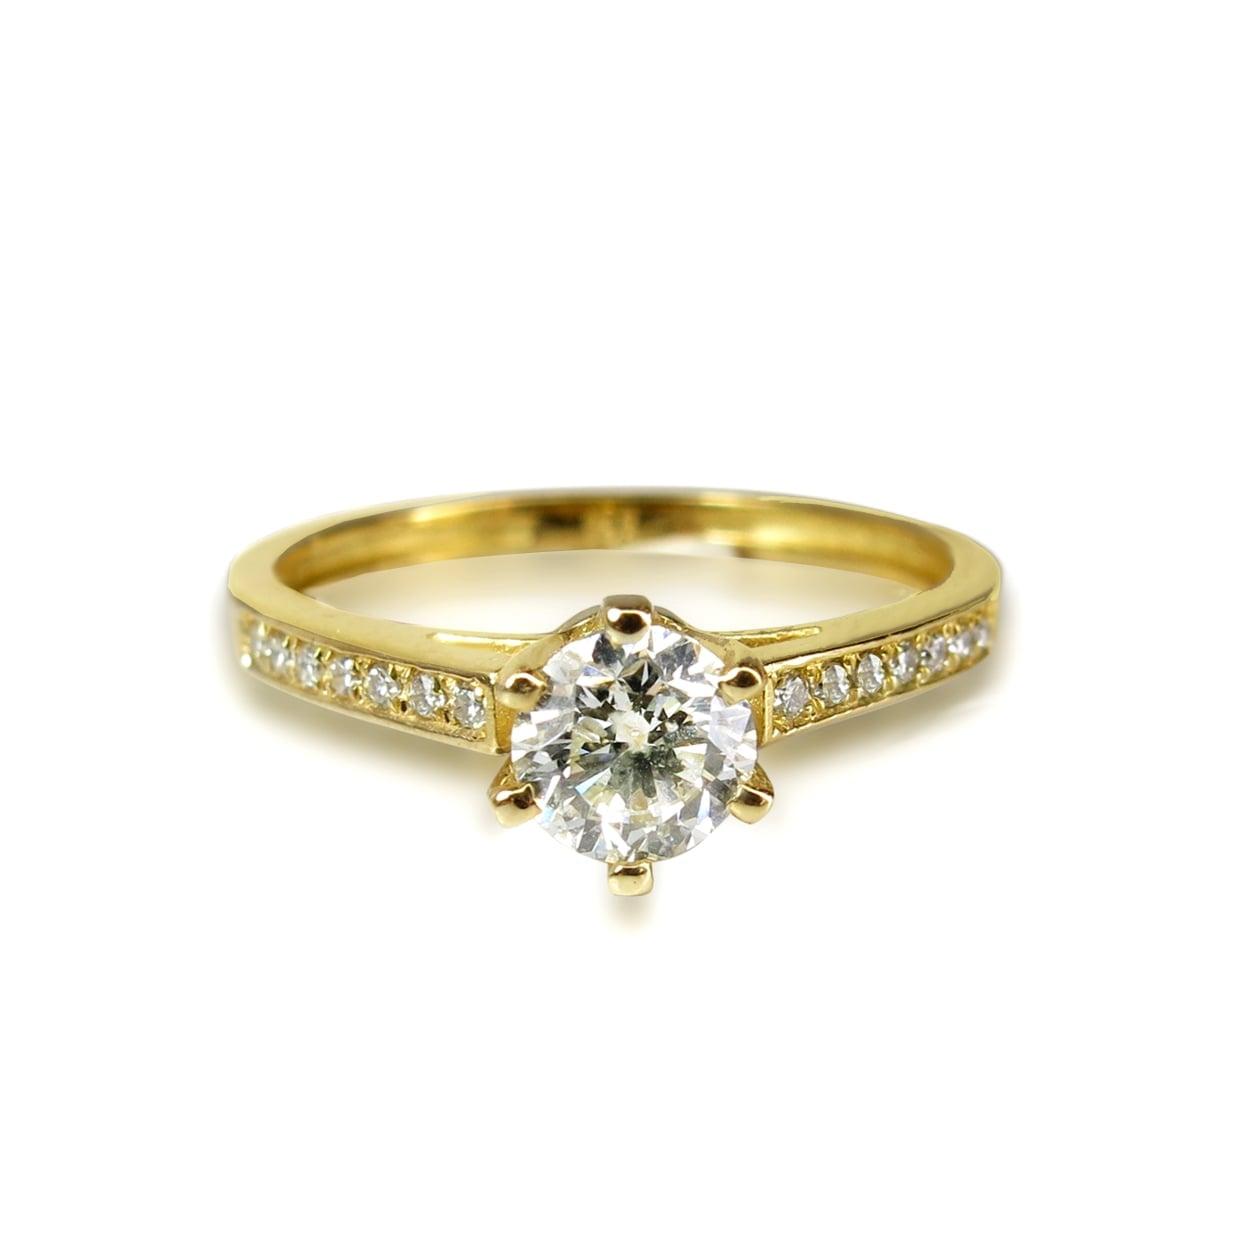 טבעת יהלומים עשירה ונוצצת 0.38 קראט בזהב 14 קאראט